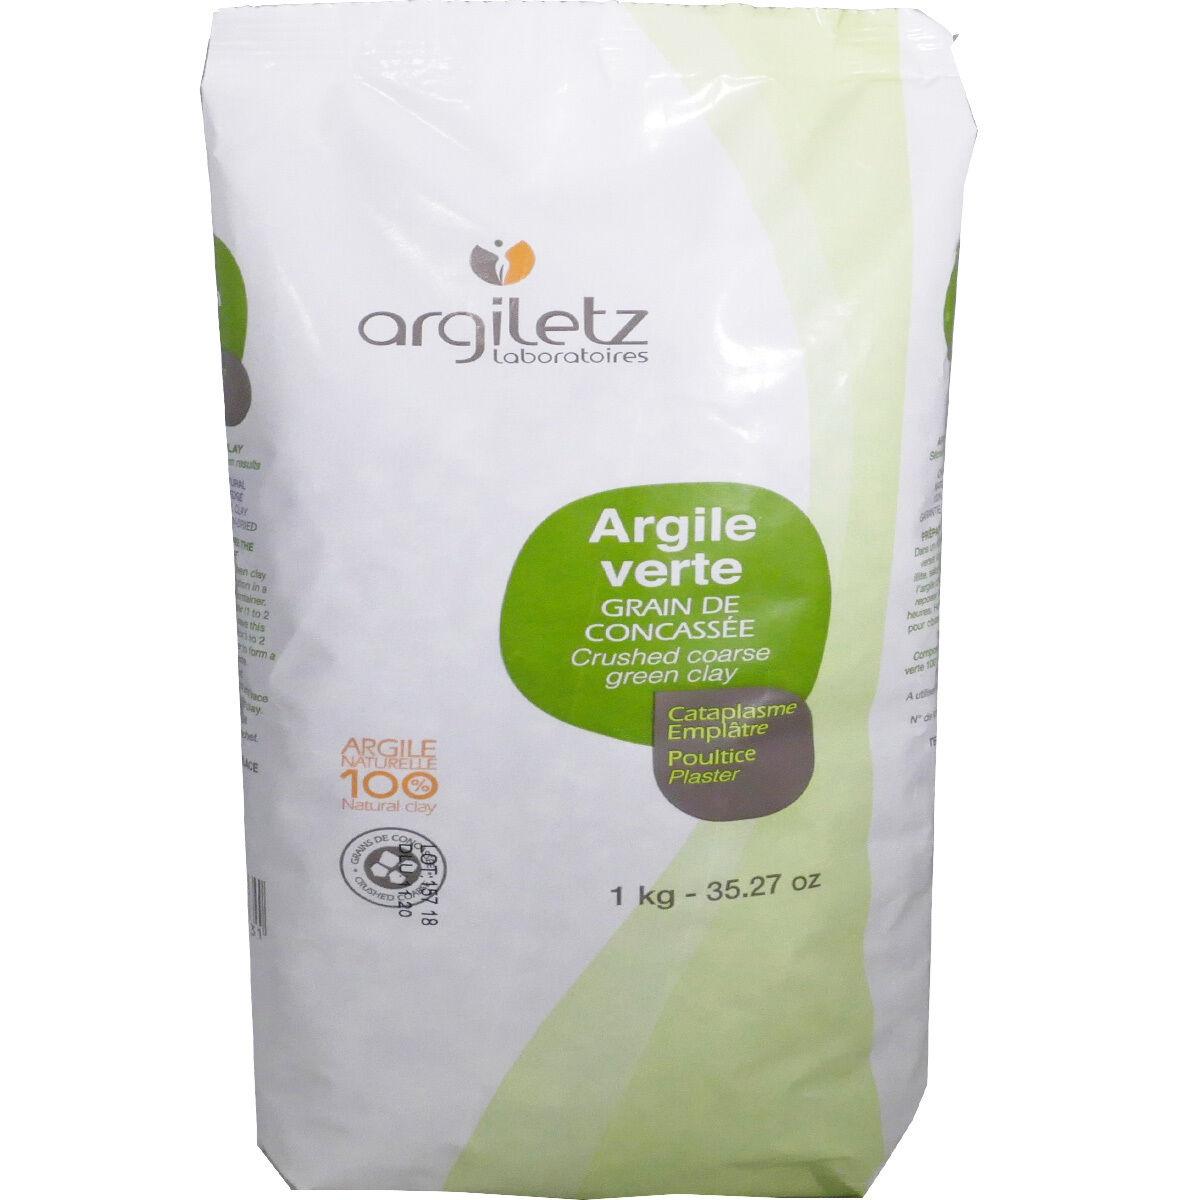 Argiletz argile verte grain de concassee 1kg cataplasme emplatre